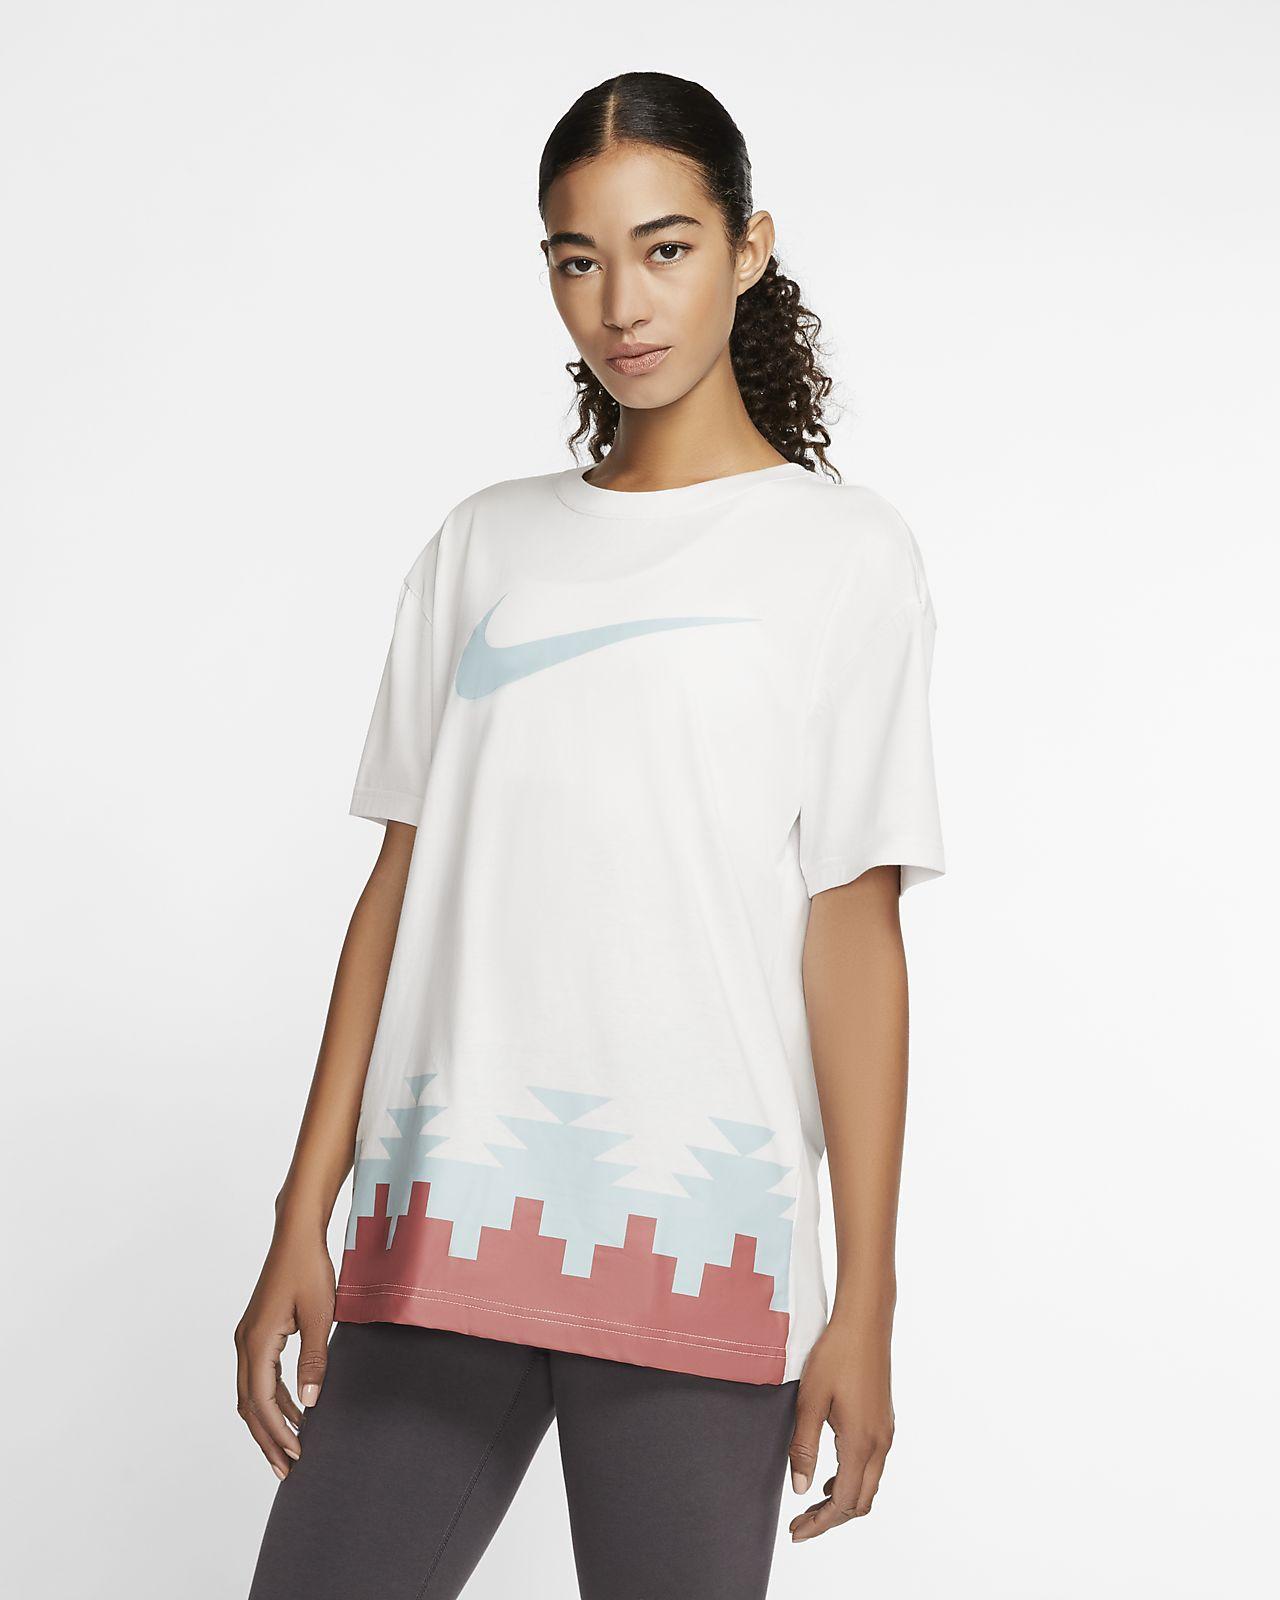 Nike Sportswear N7 Women's T-Shirt